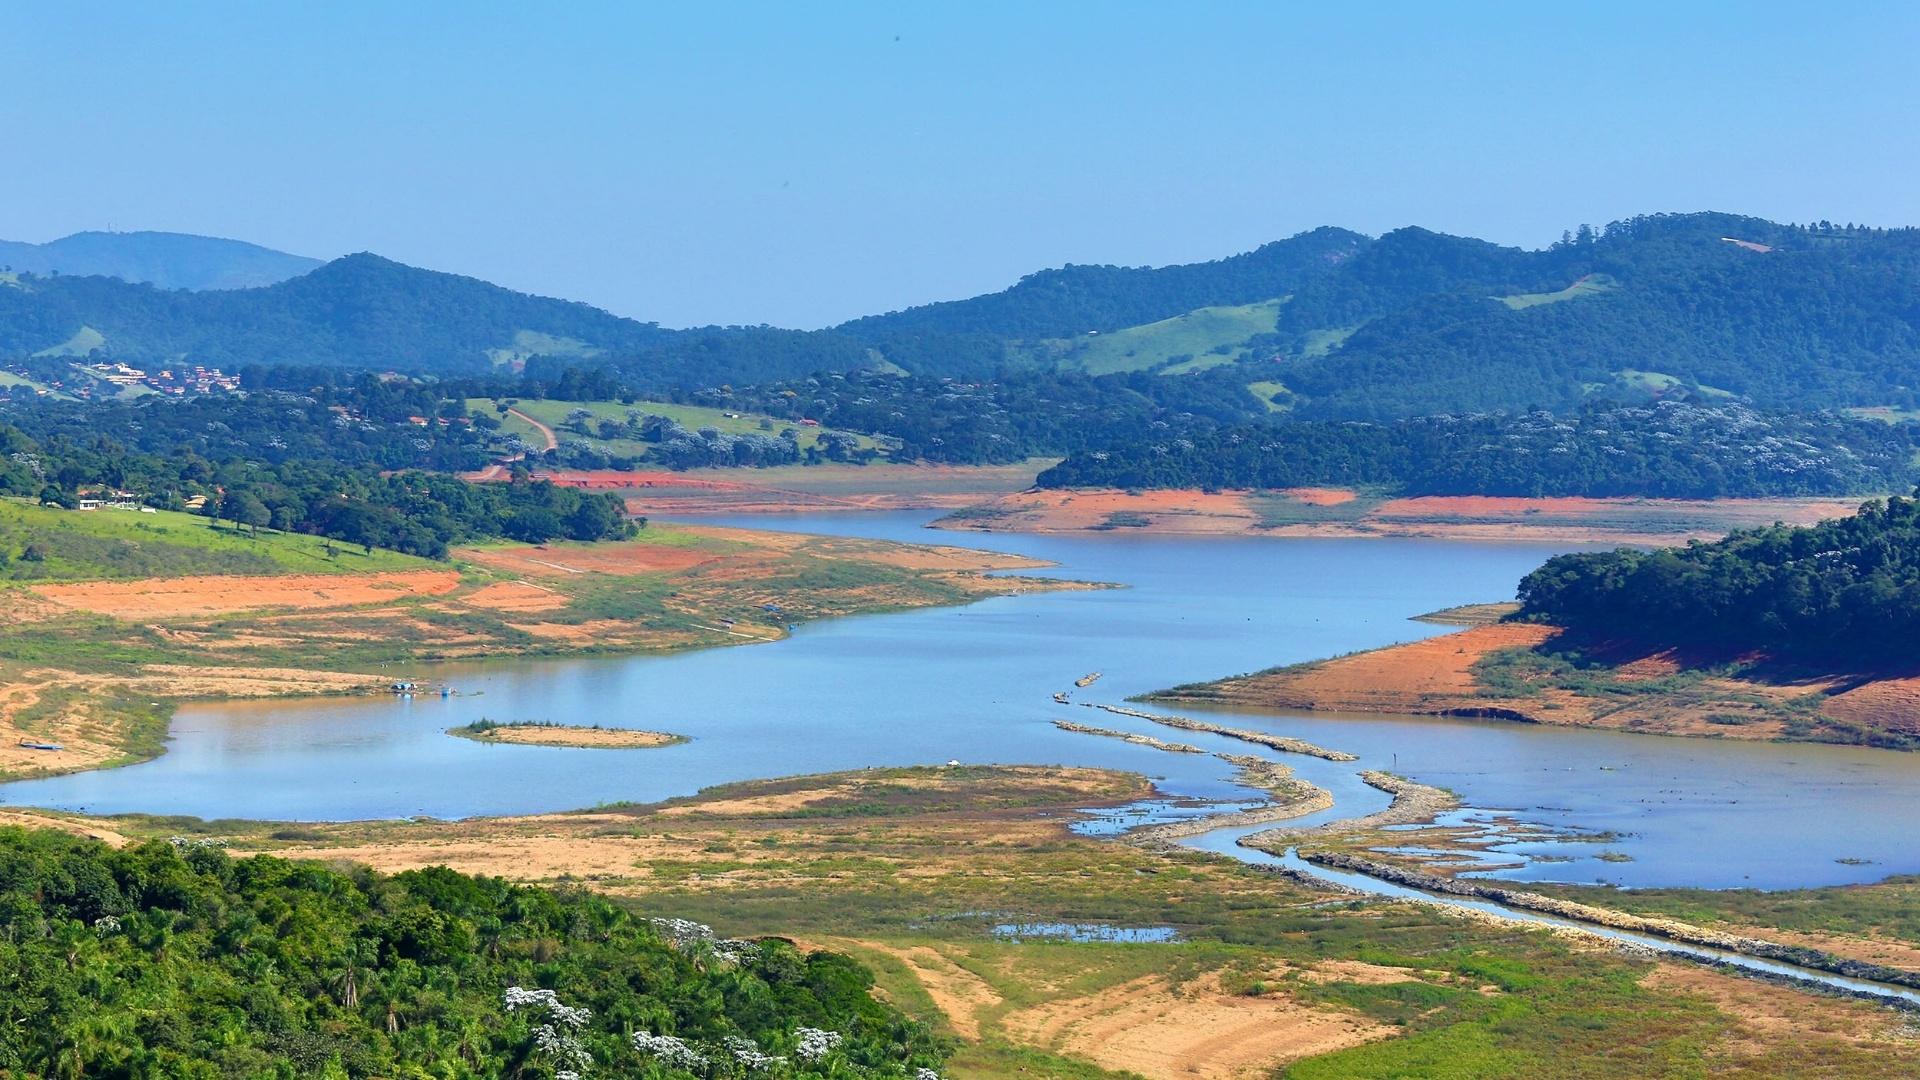 2.mai.2015 - A represa Jaguari-Jacareí, situada na cidade de Joanópolis (SP), compõe o sistema Cantareira, cujo nível voltou a cair neste sábado (2). O sistema tem metade da água que possuía um ano atrás